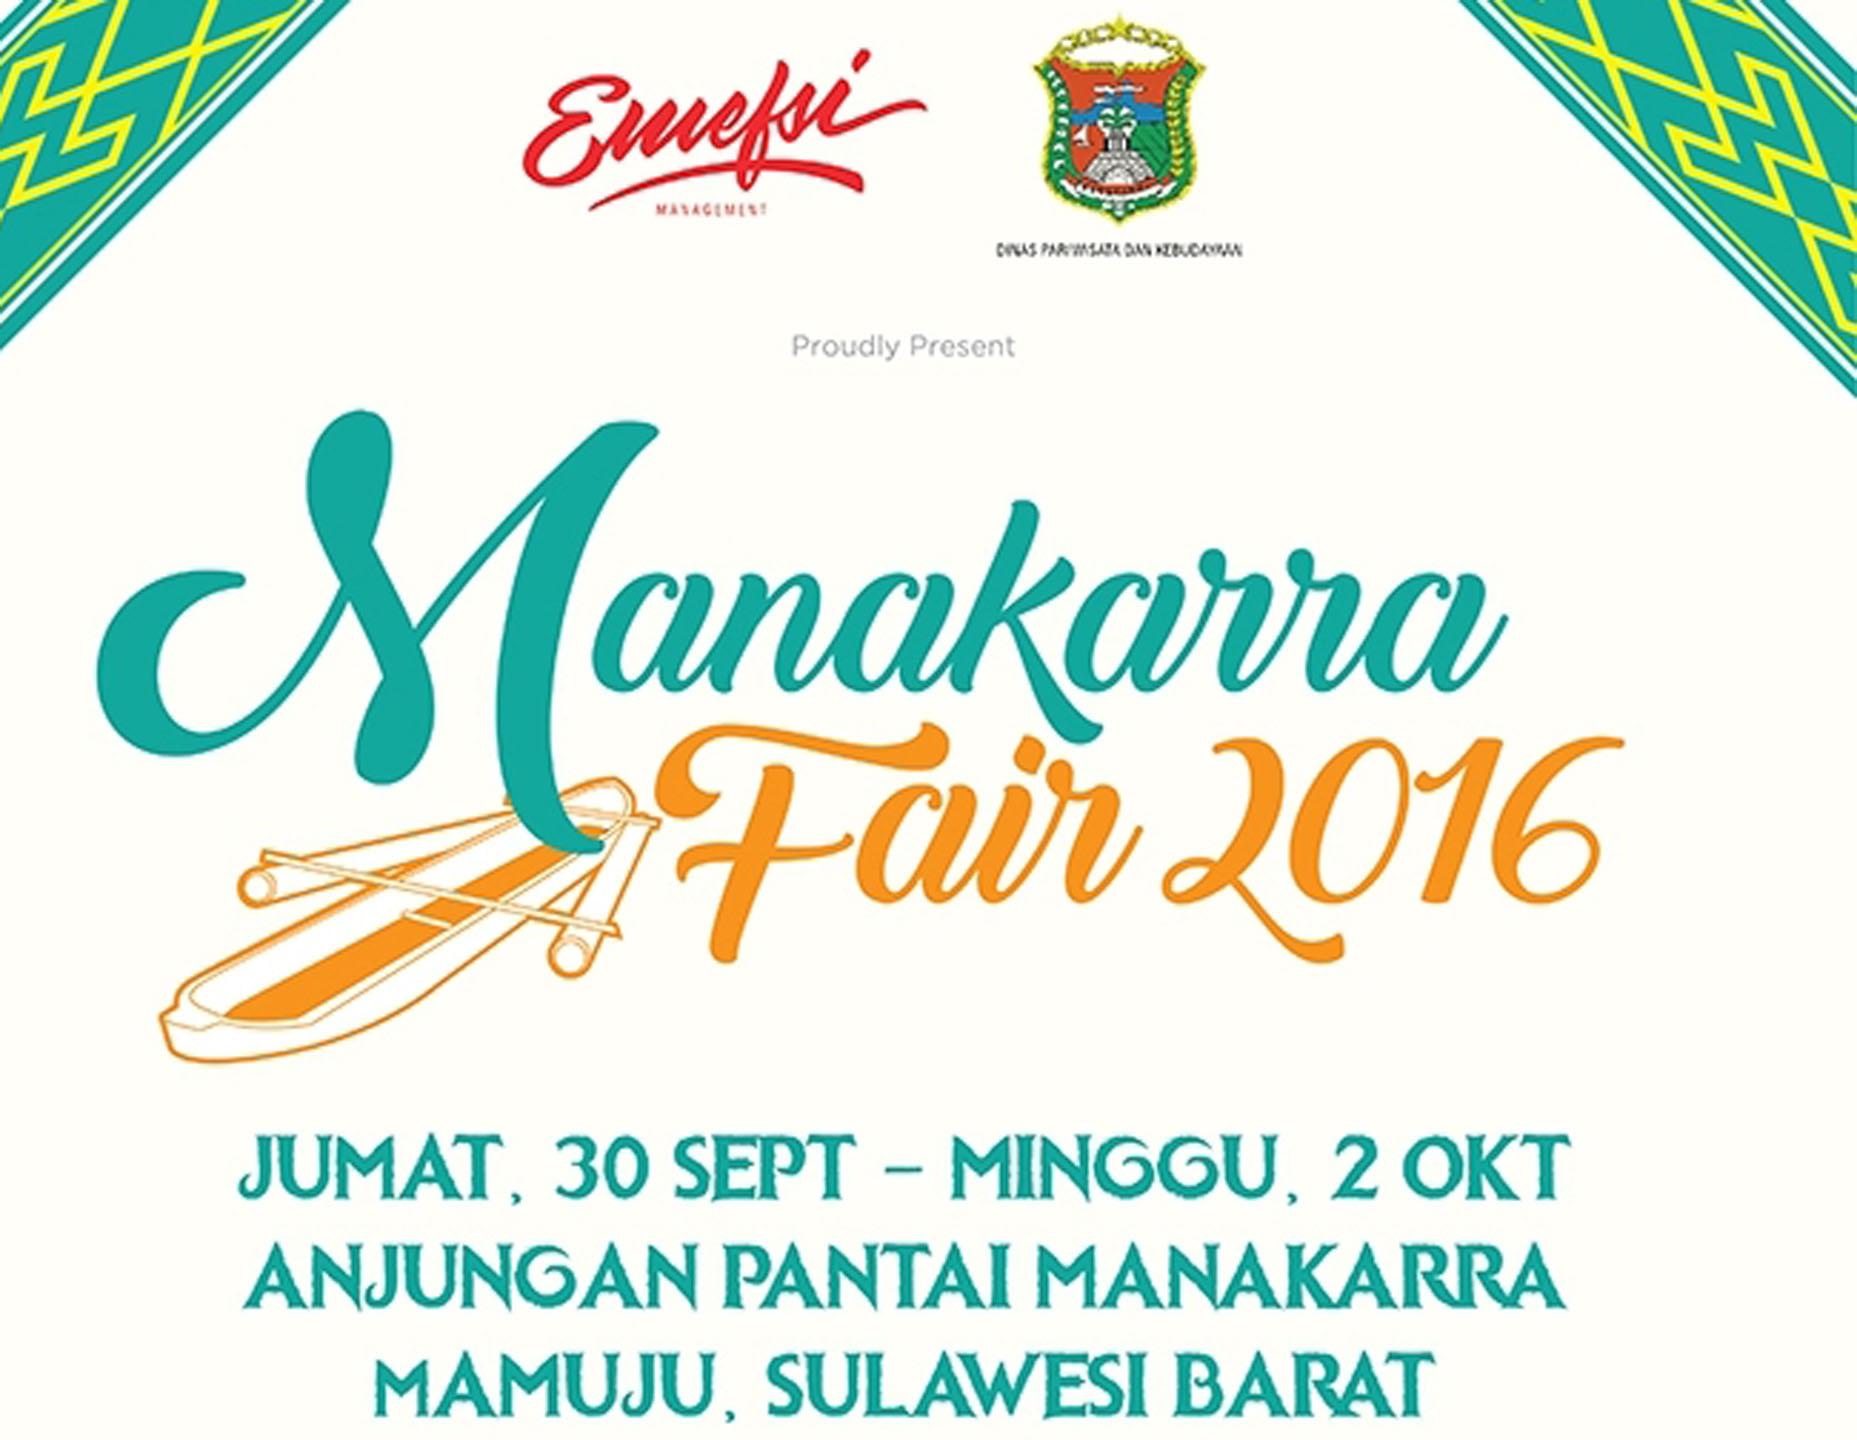 Manakarra Fair 2016 Dibalut Sekomandi